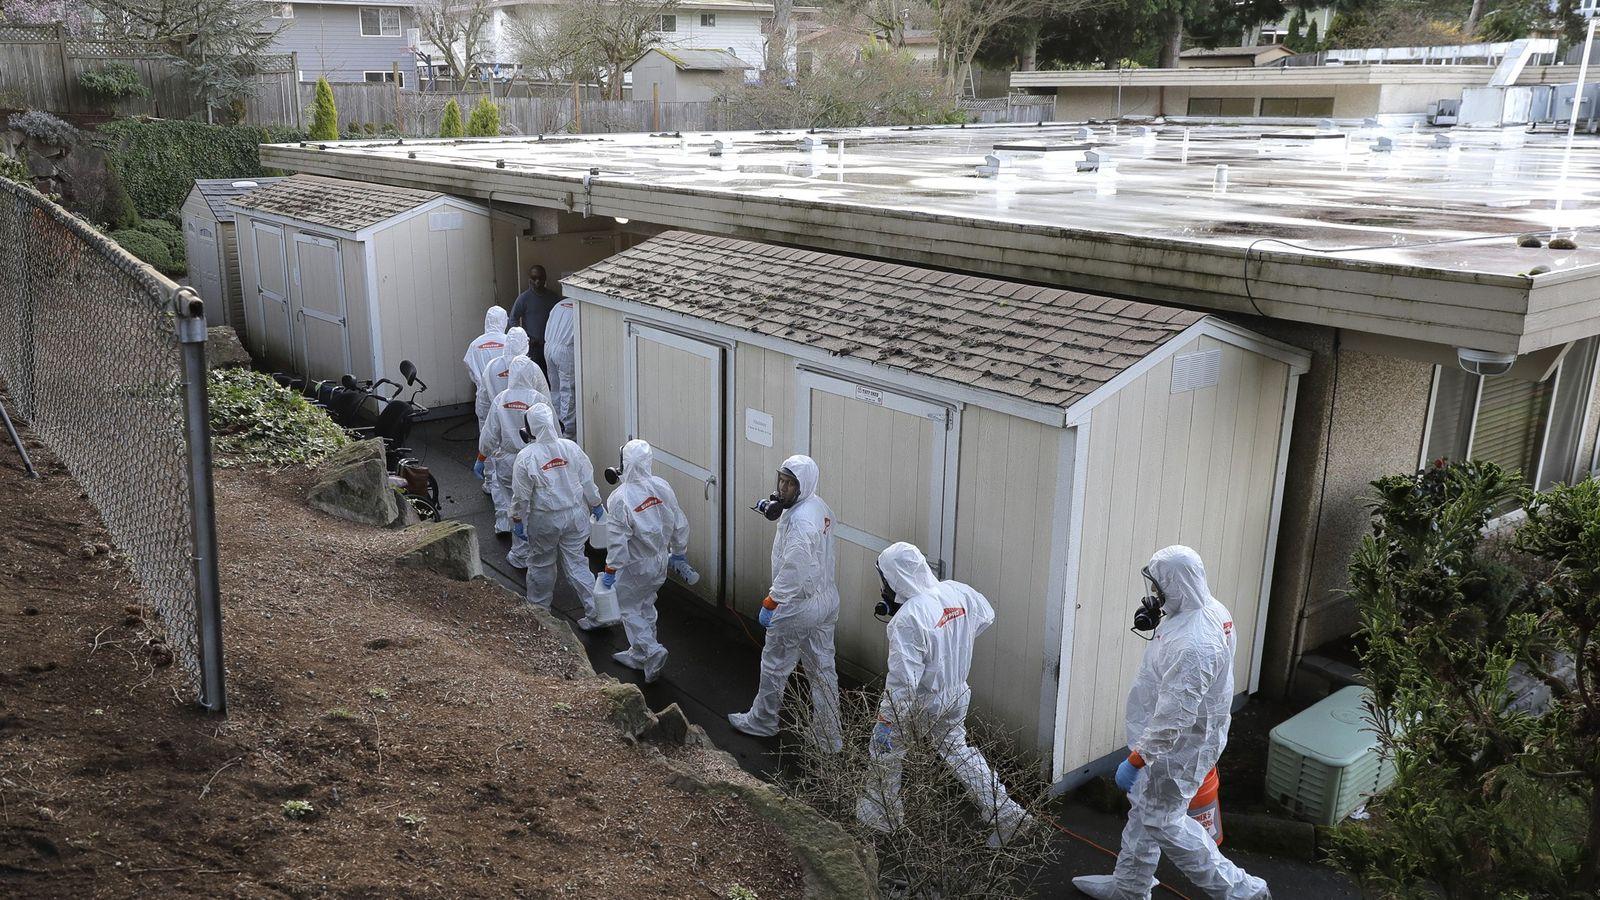 Los trabajadores de un equipo de recuperación de desastres de Servpro usan trajes protectores y respiradores ...